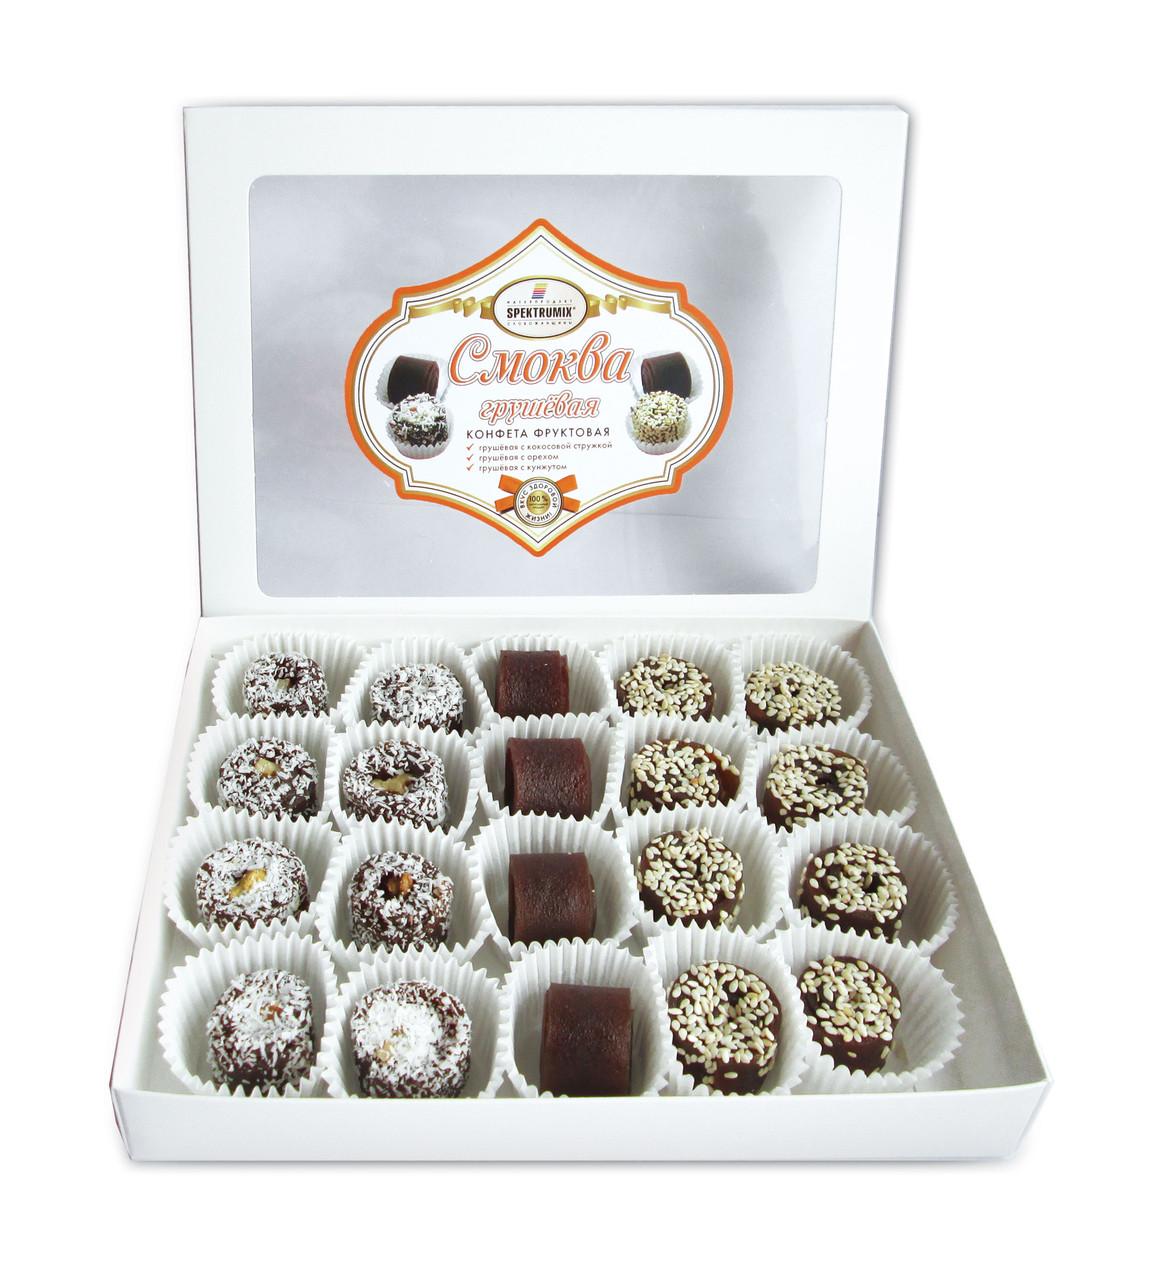 СМОКВА сливовая ассорти 180 г (конфеты натуральные)